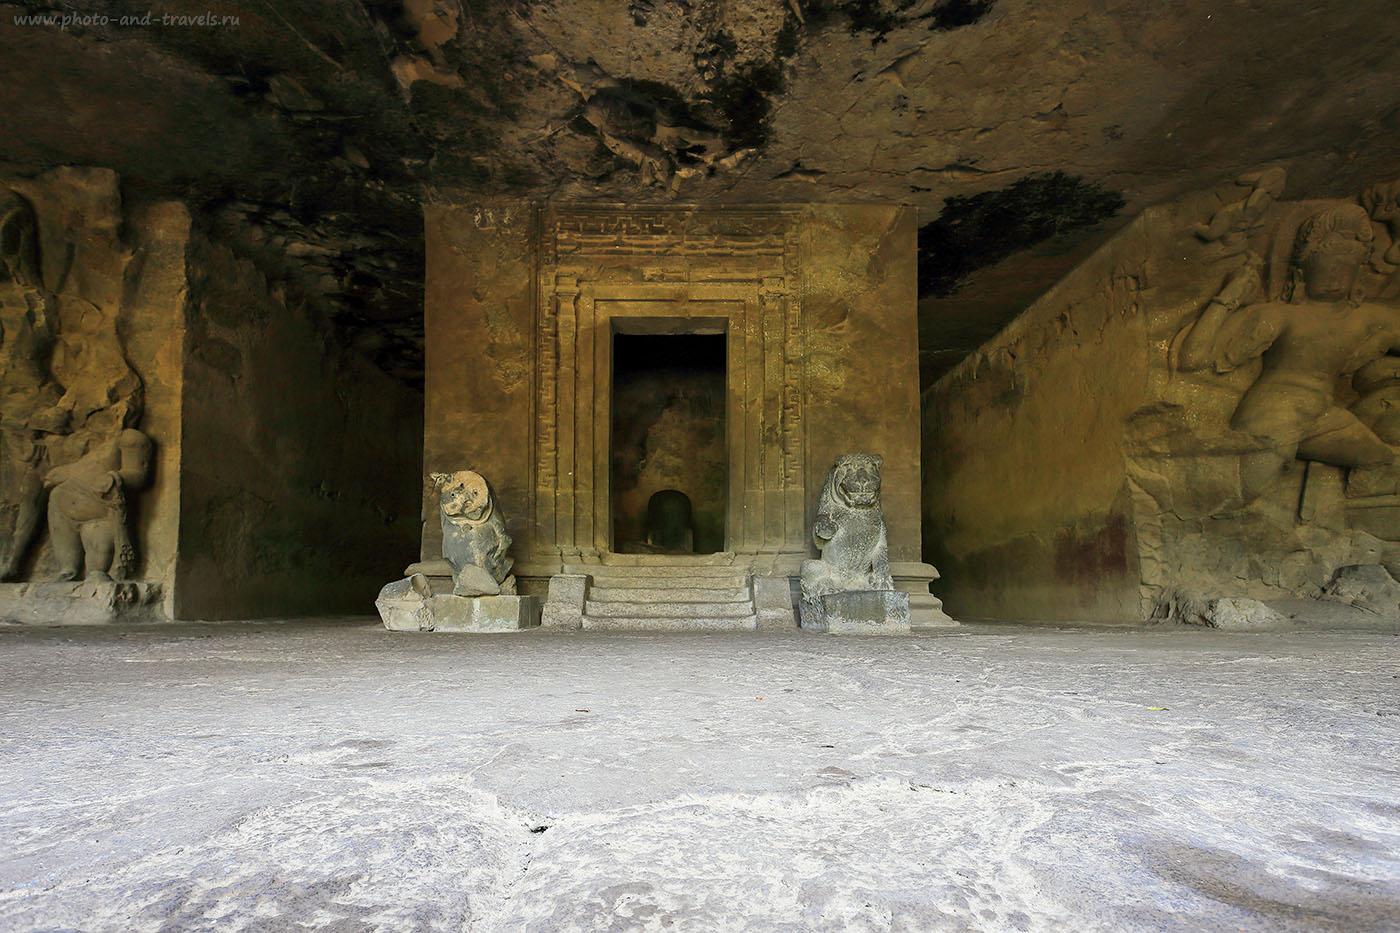 14. Шивалингам в восточном зале. Рассказ про экскурсию в пещеры Элефанта. Как посмотреть достопримечательности Мумбаи и отдохнуть в Гоа в течение одного путешествия в Индию самостоятельно. Отзывы туристов. (17-40, 1/4, 0eV, f9, 17mm, ISO 100)